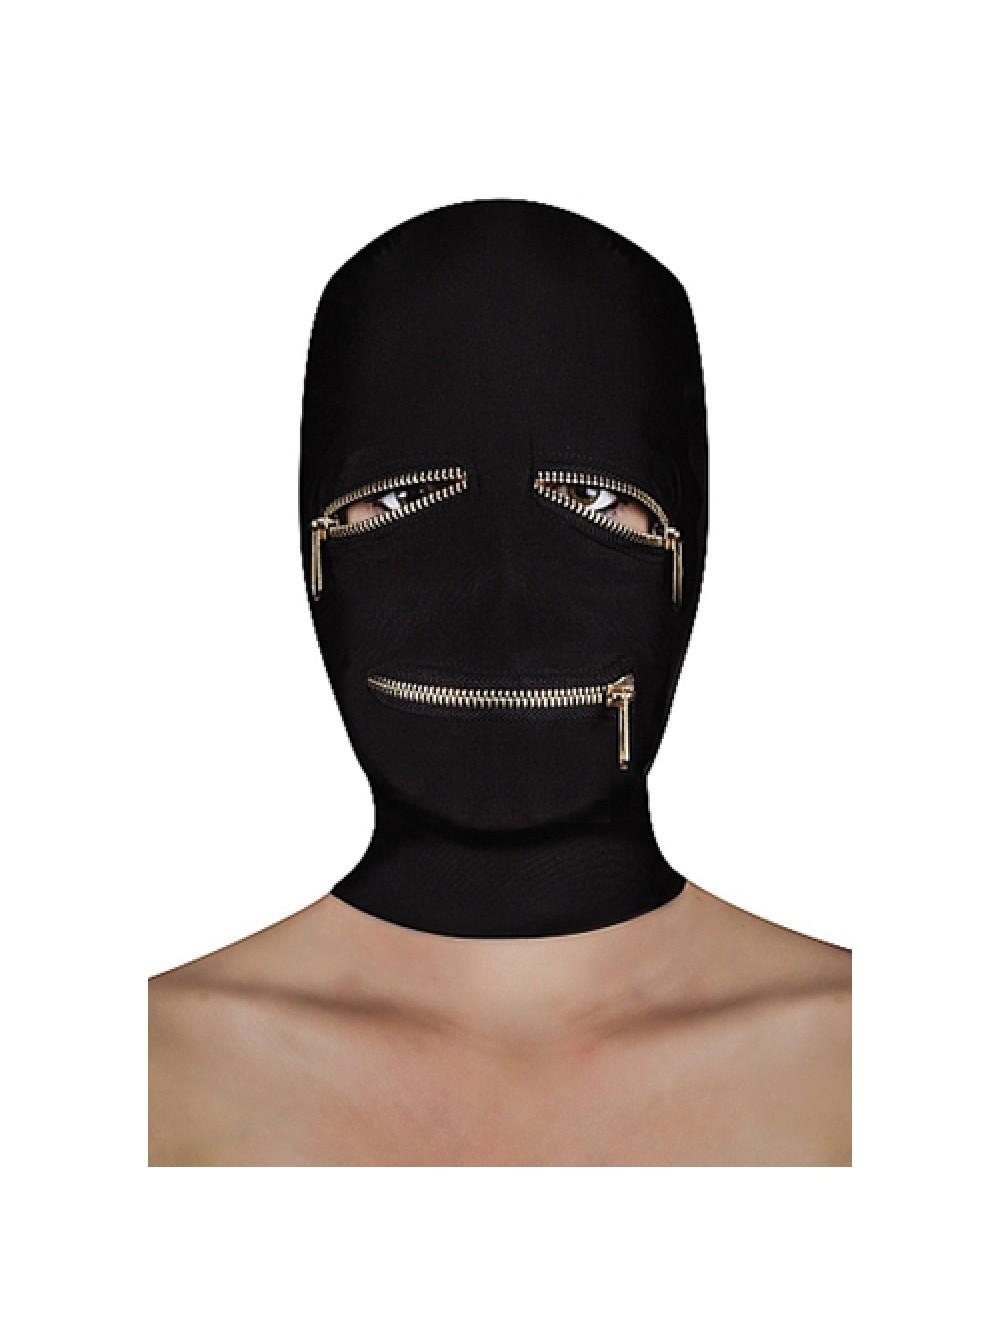 Maschera Extreme Zipper con Zip sugli Occhi e sulla Bocca